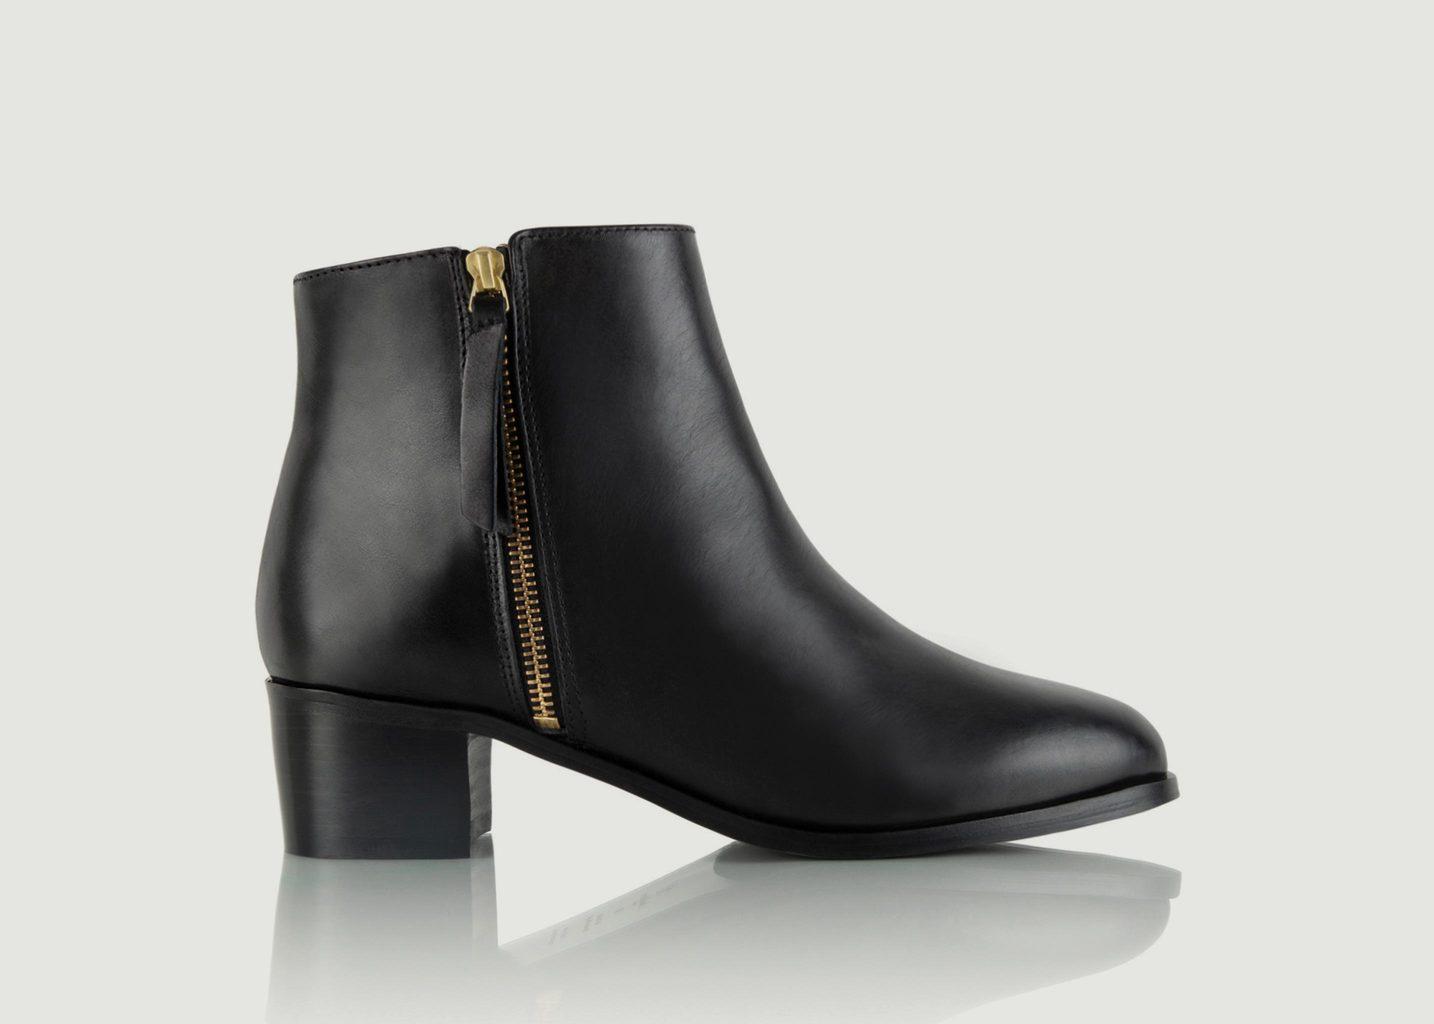 Boots La Fougueuse - Bobbies Paris